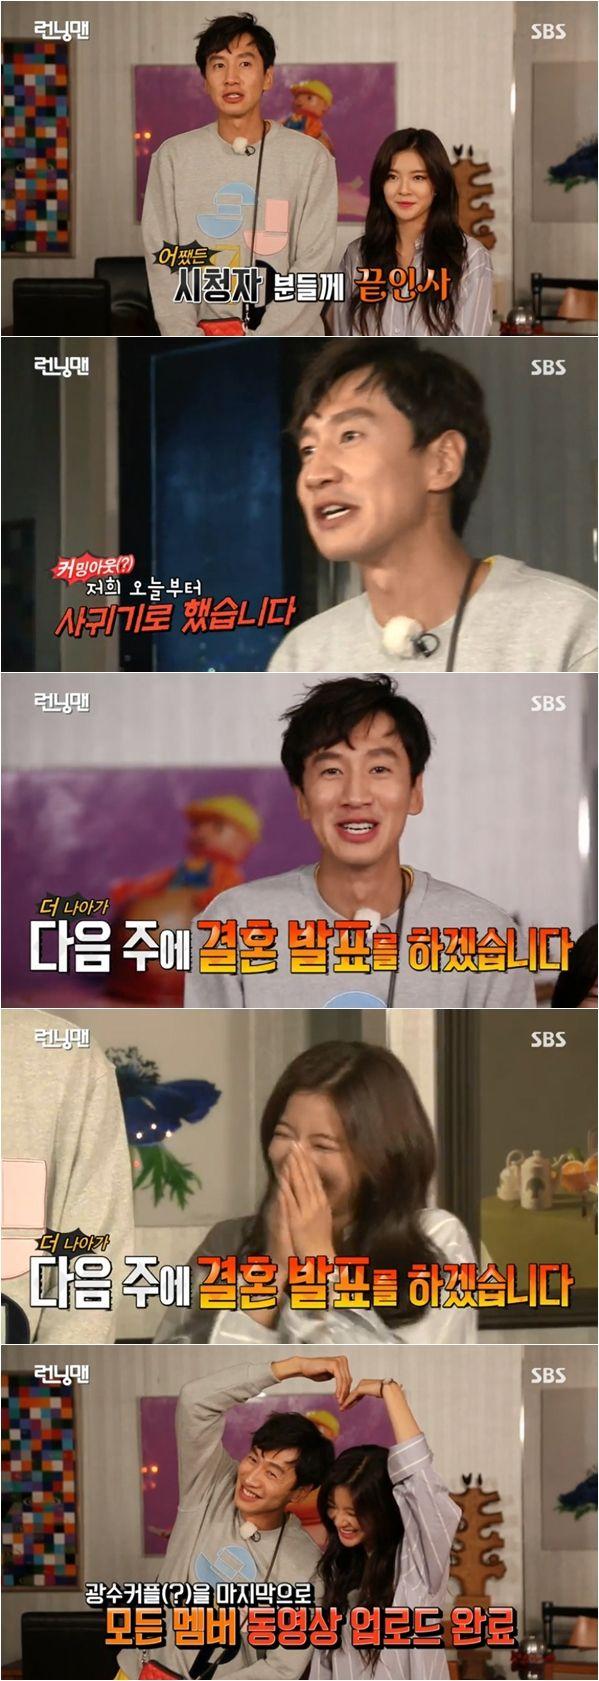 """[TV랩]""""오늘부터 사귀기로""""…이광수♥이선빈, '런닝맨' 첫 만남 당시 보니  기본이미지"""